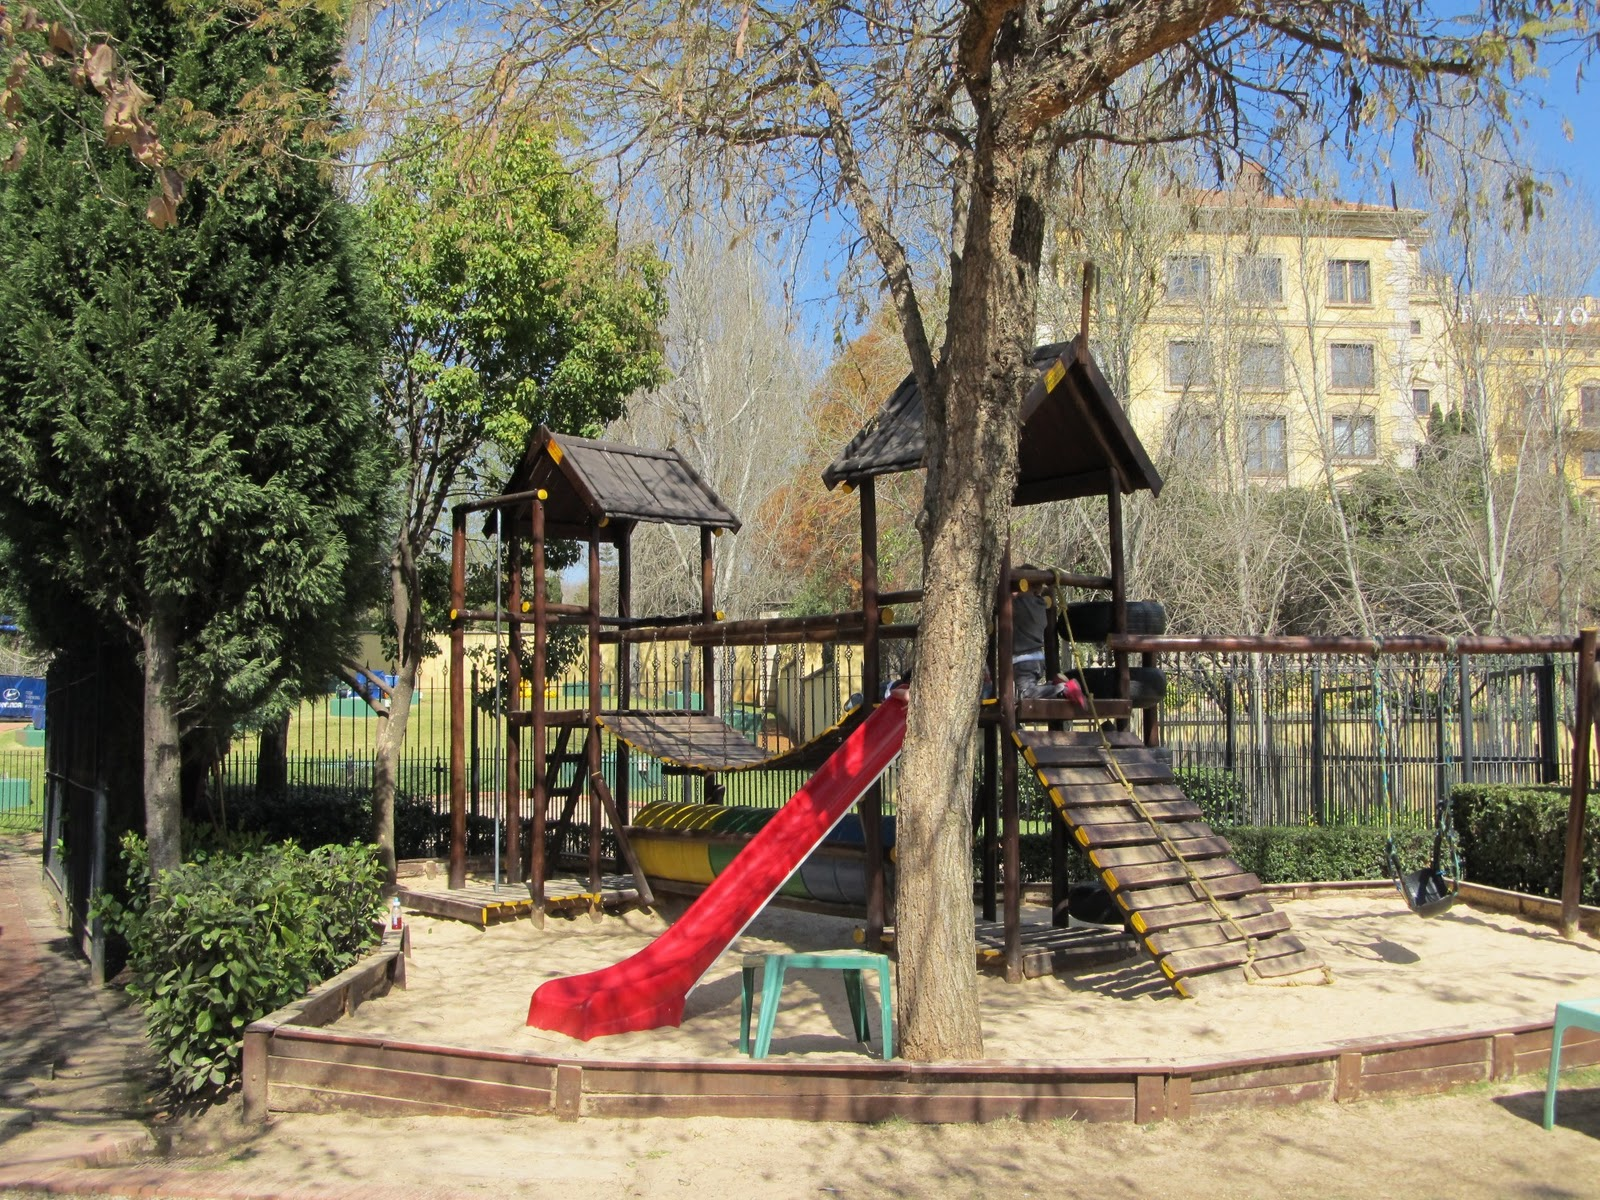 Bird park monte casino circus hotel casino